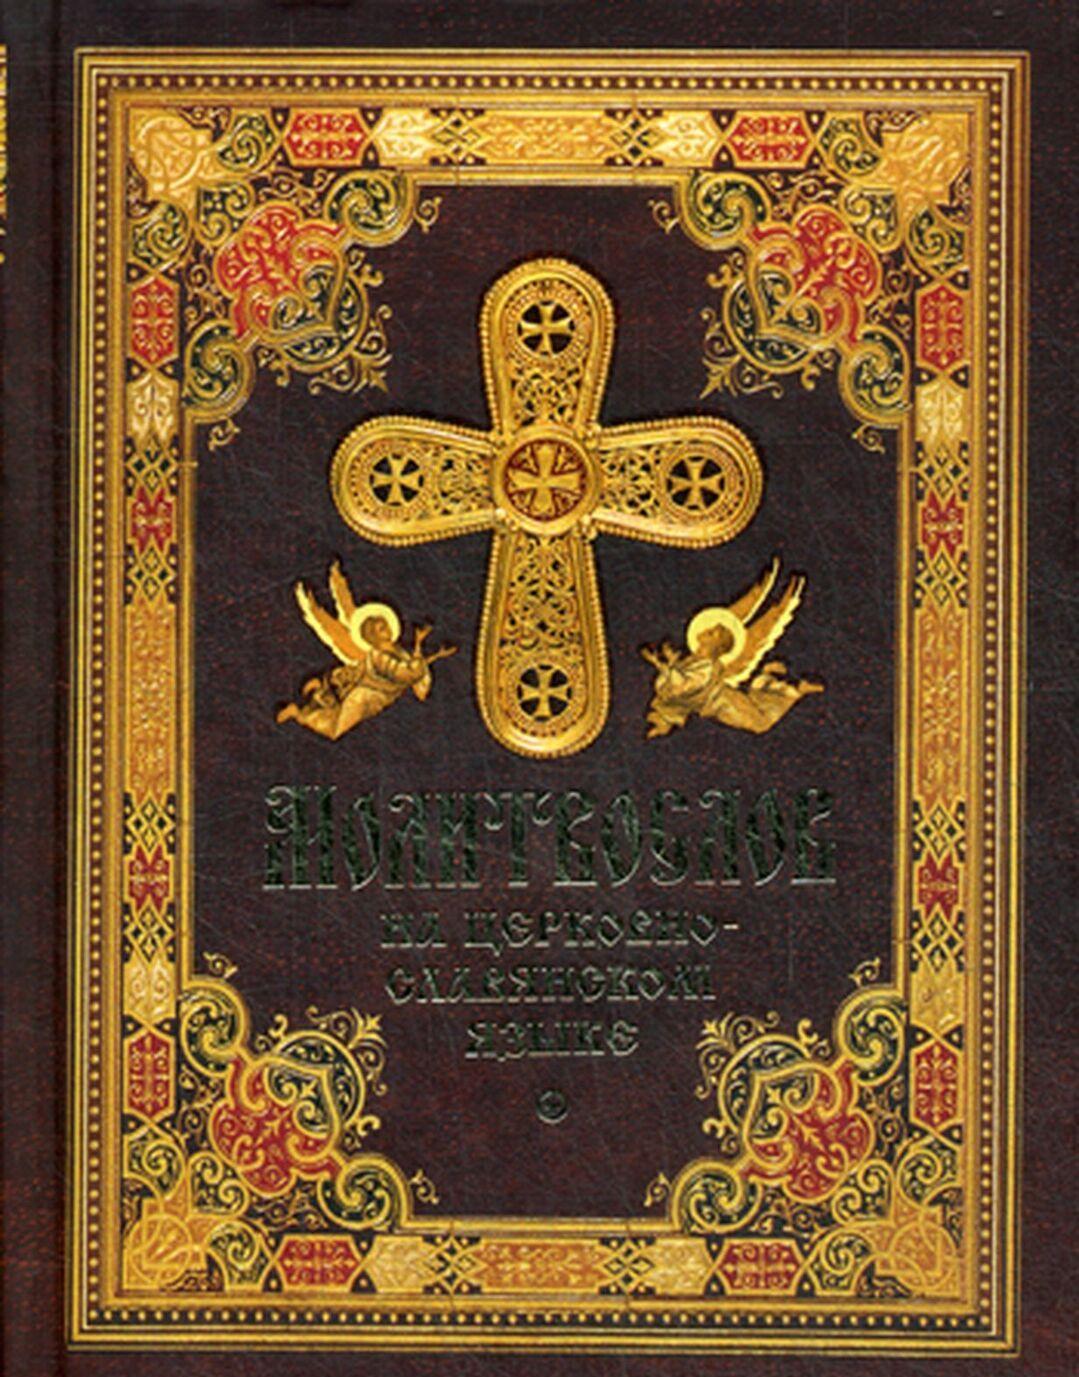 Molitvoslov na tserkovnoslavjanskom jazyke